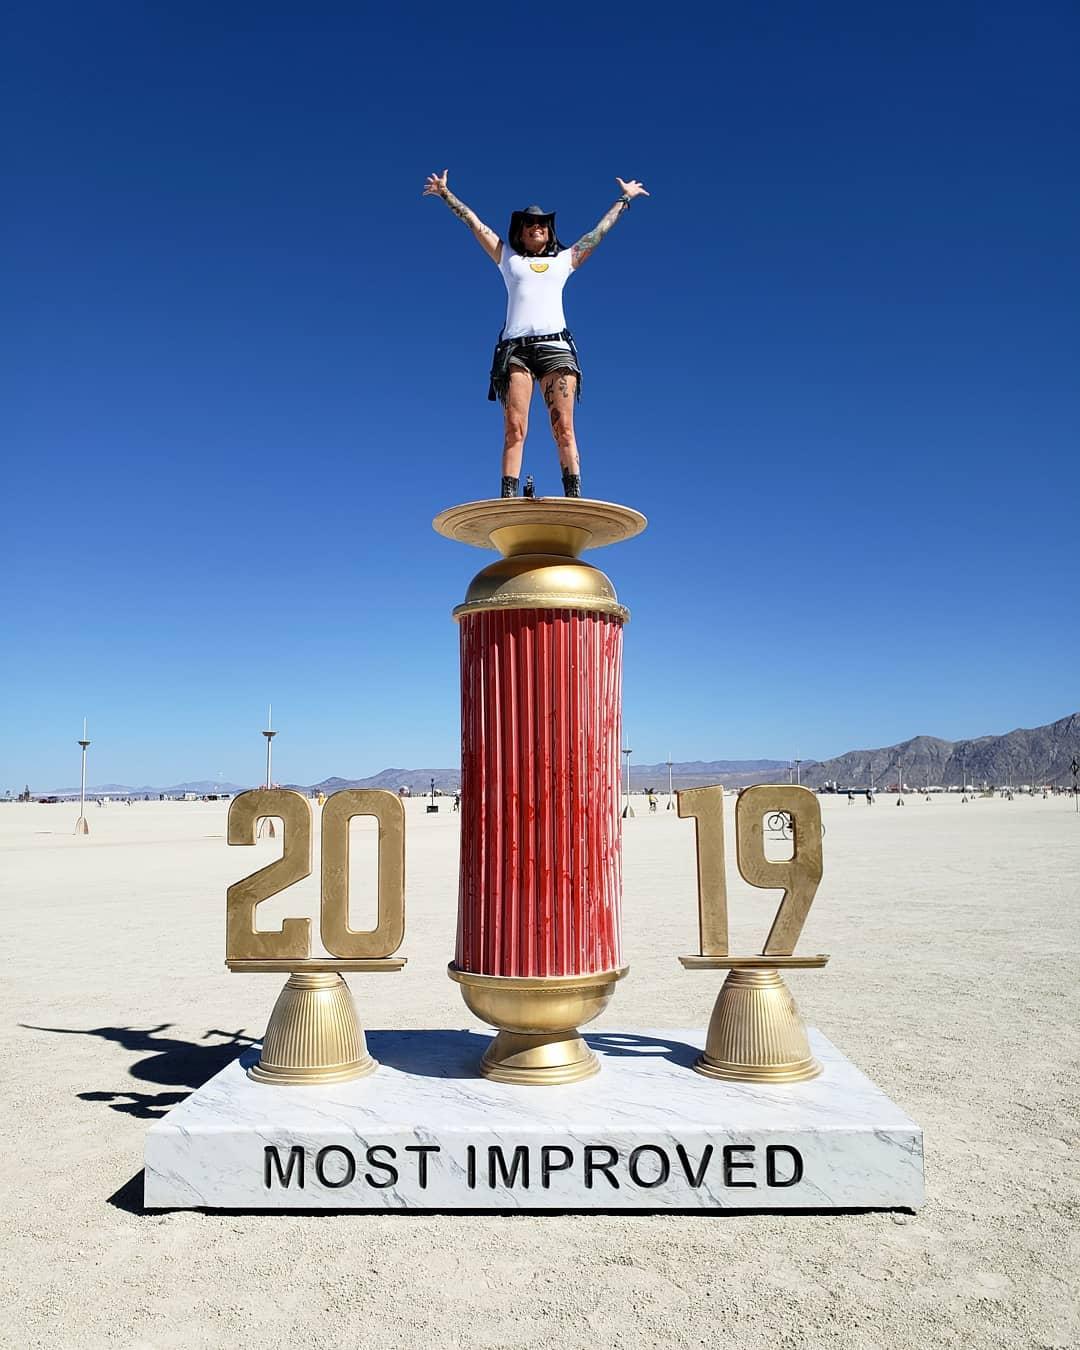 Экстравагантные посетители фестиваля \Burning Man 2019\ (35 фото)